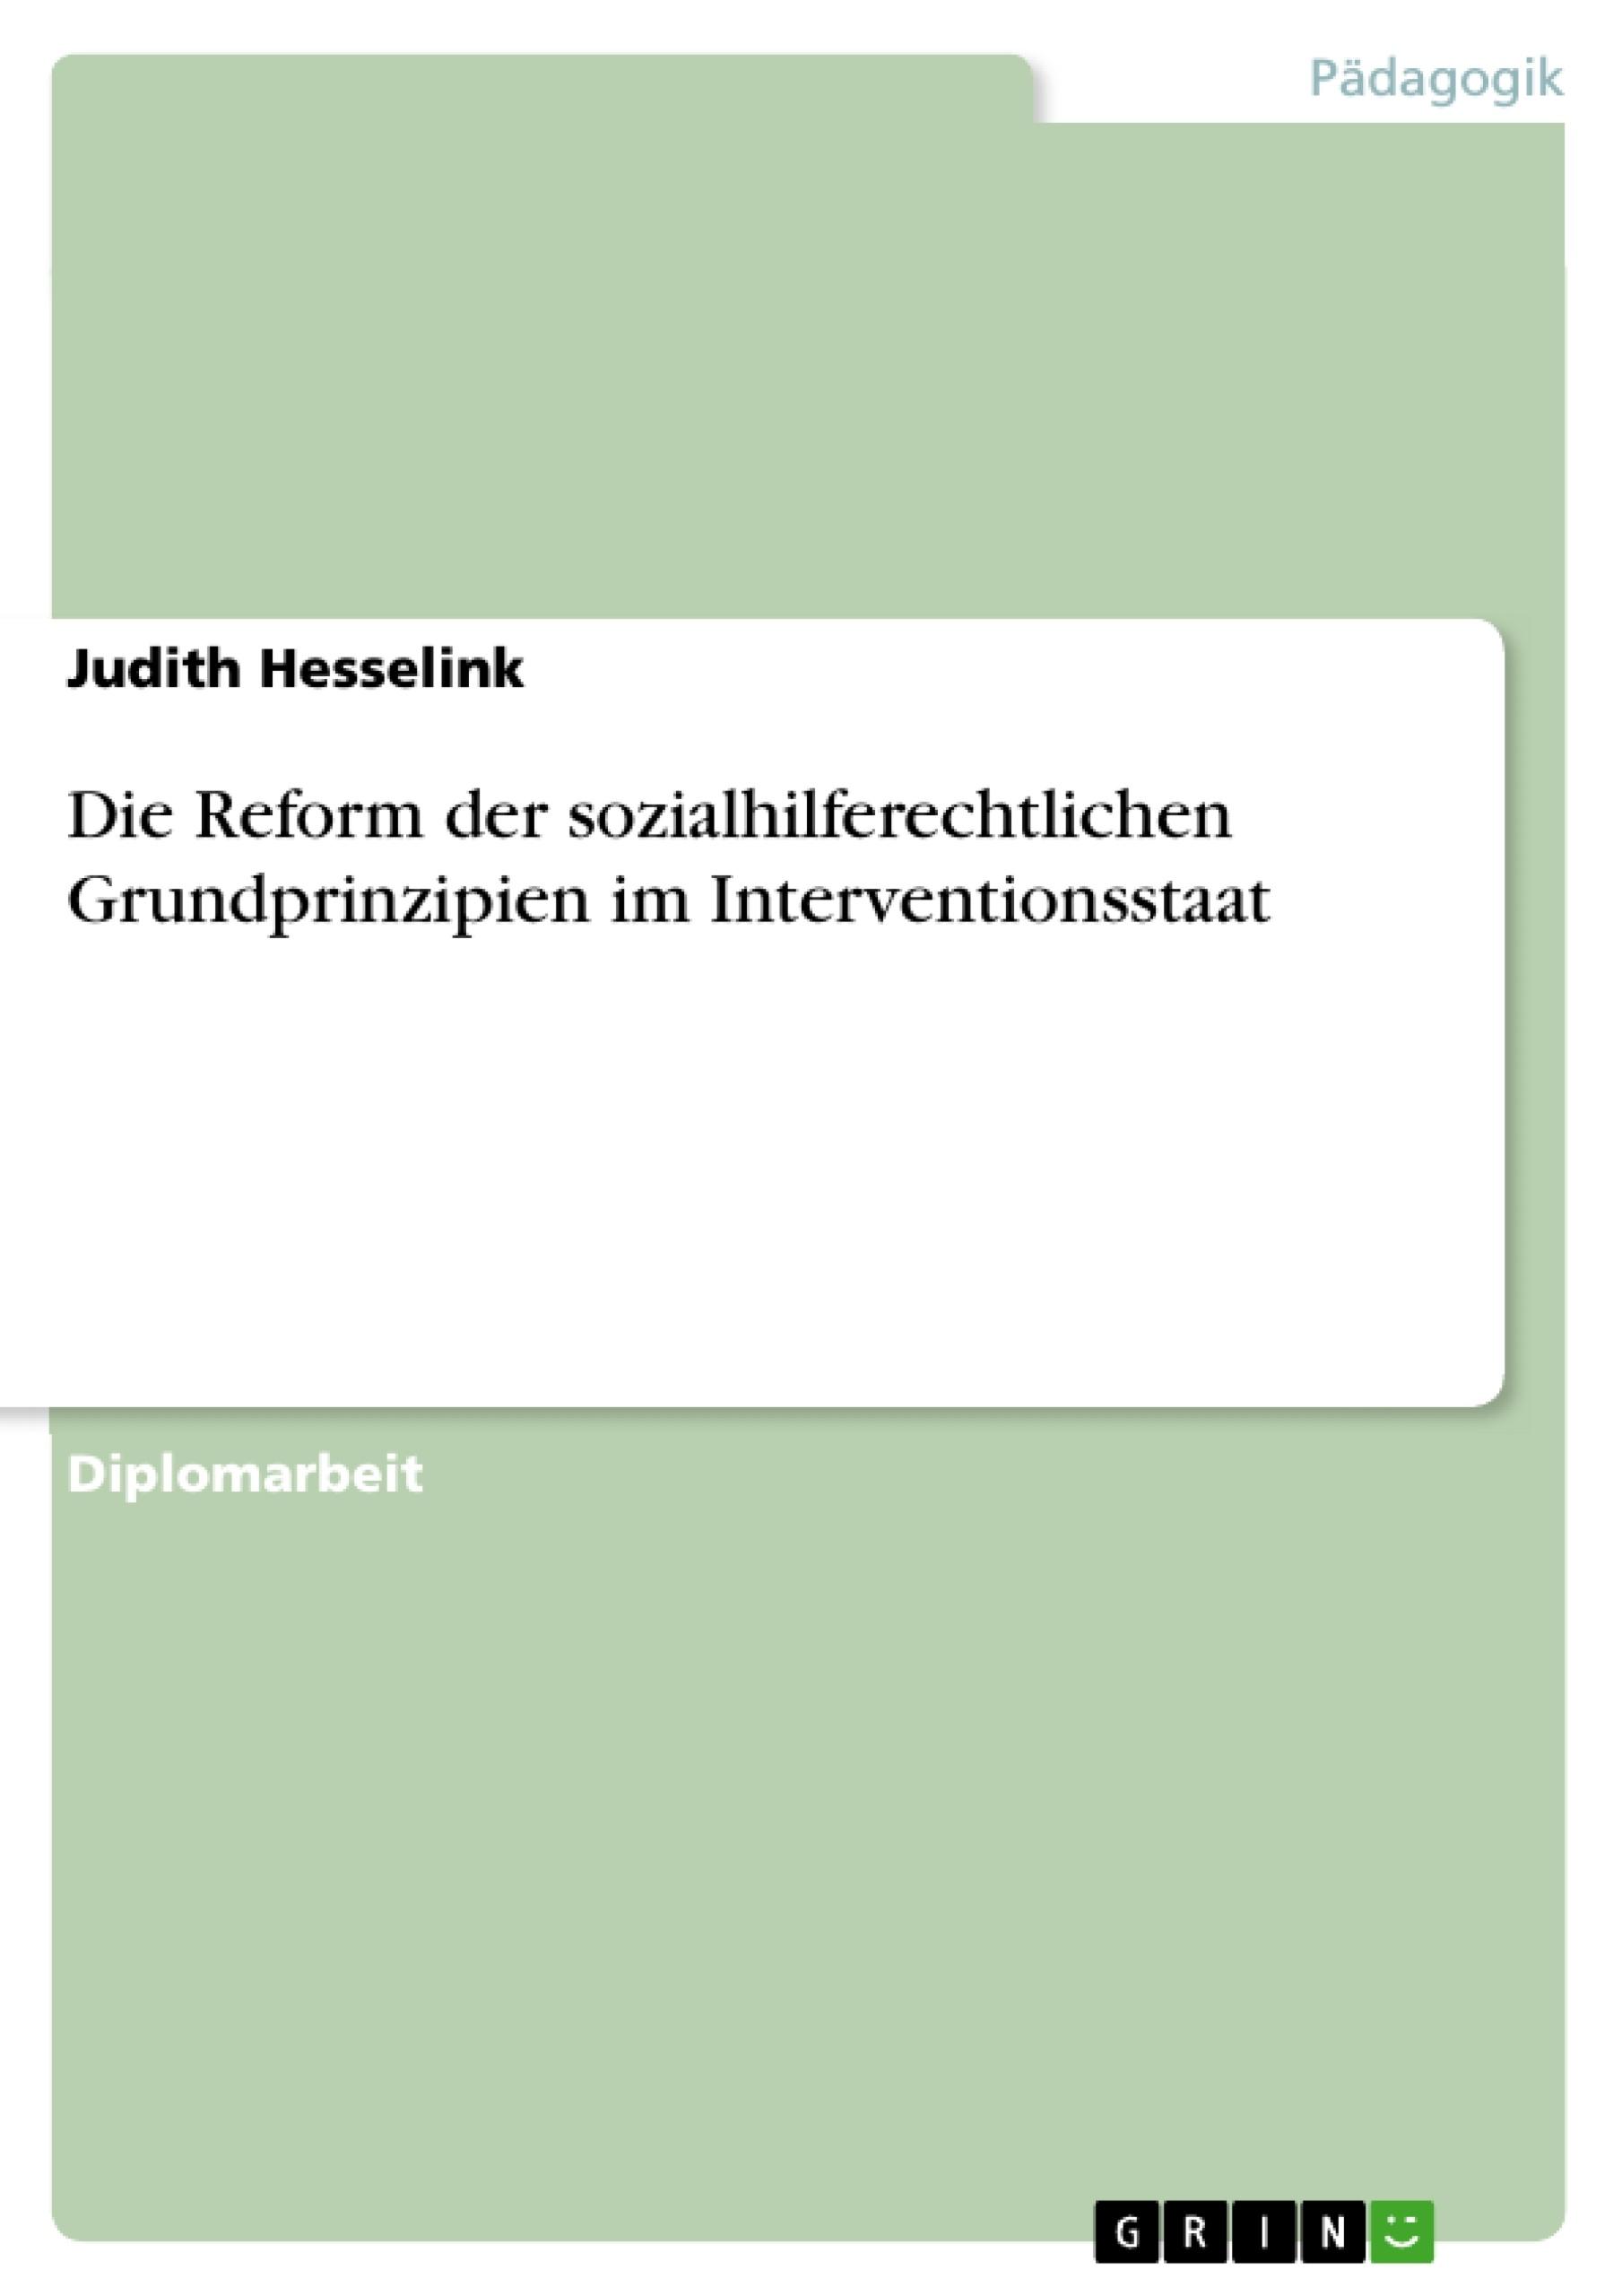 Titel: Die Reform der sozialhilferechtlichen Grundprinzipien im Interventionsstaat